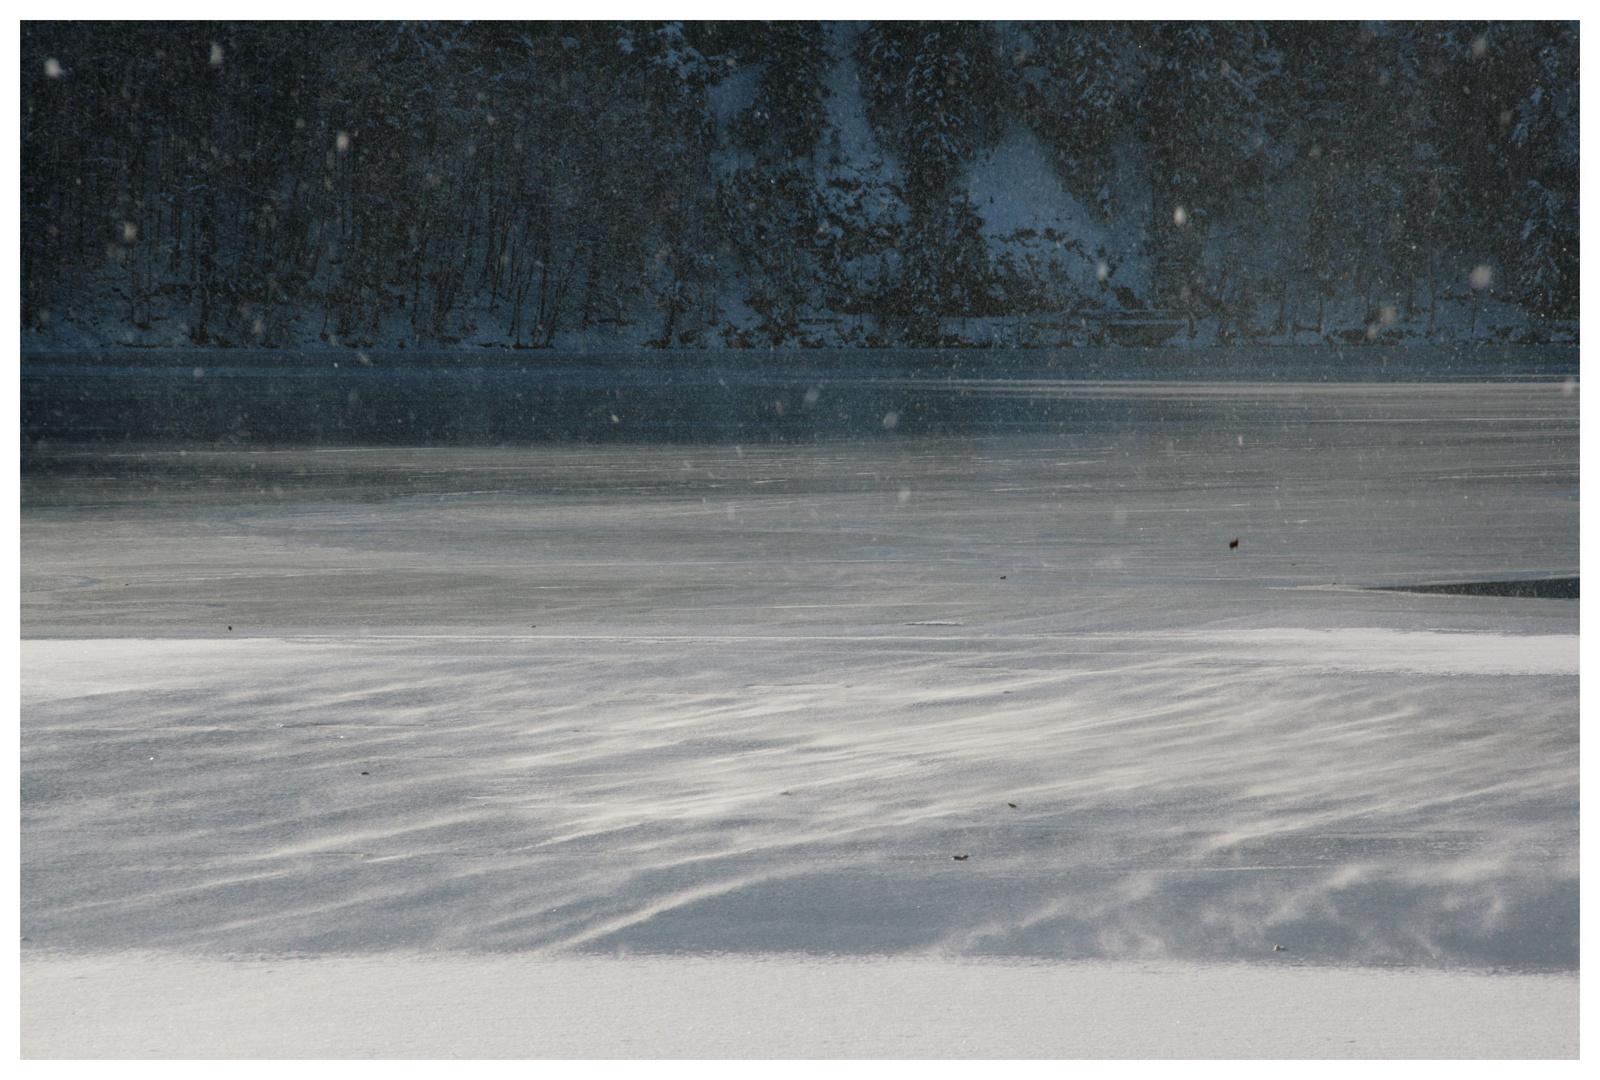 Schneesturm über dem Hechtsee